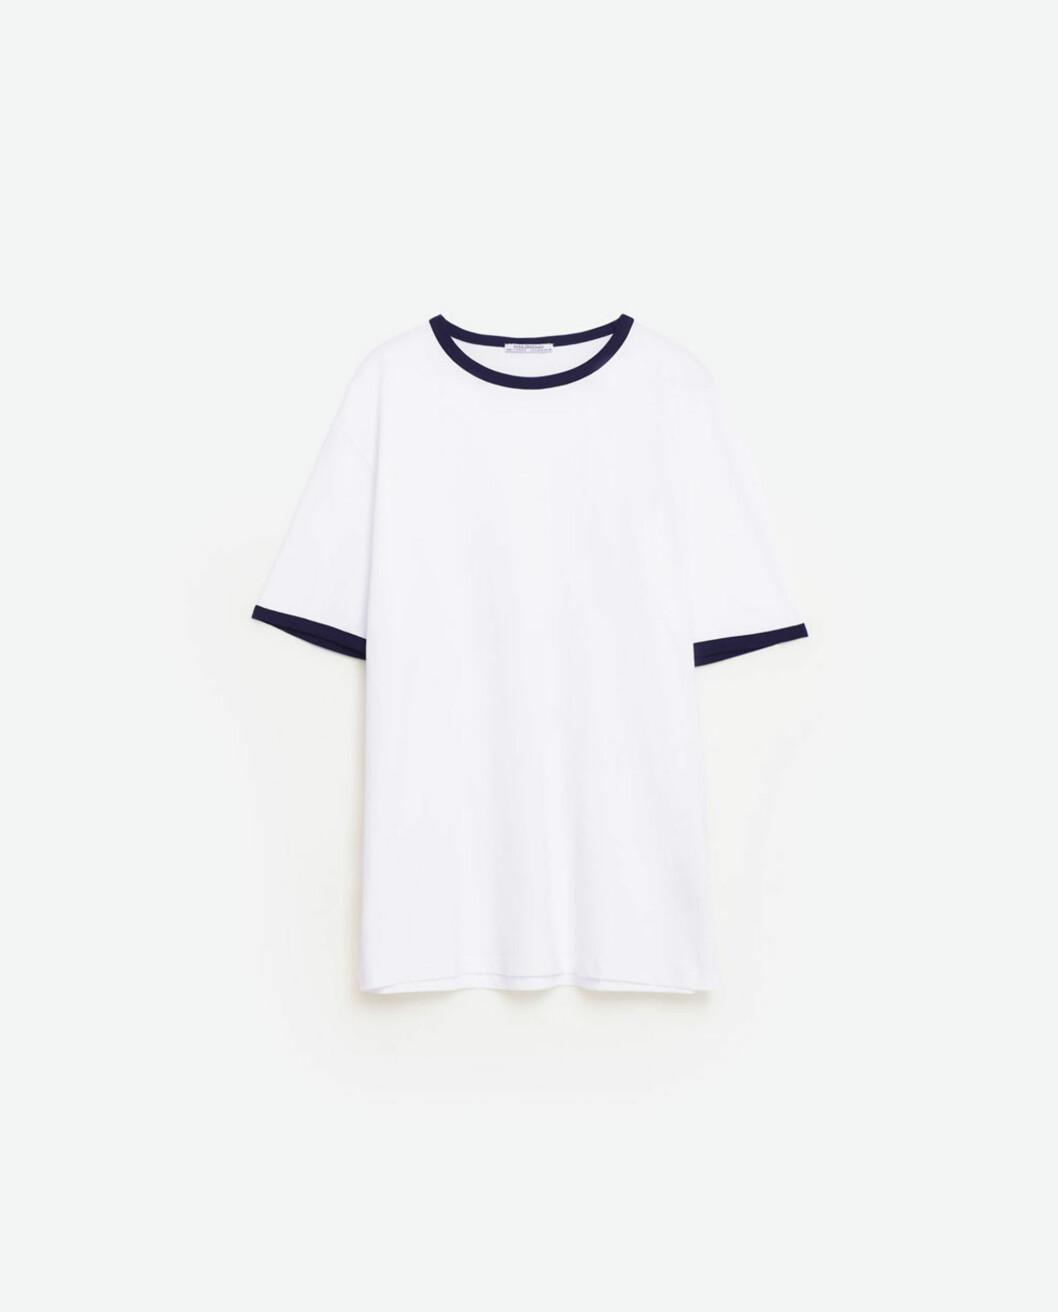 T-skjorte fra Zara | kr 99 | http://www.zara.com/no/no/trf/t-skjorter/ungendered-t-skjorte-med-kontrast-c269214p3711645.html